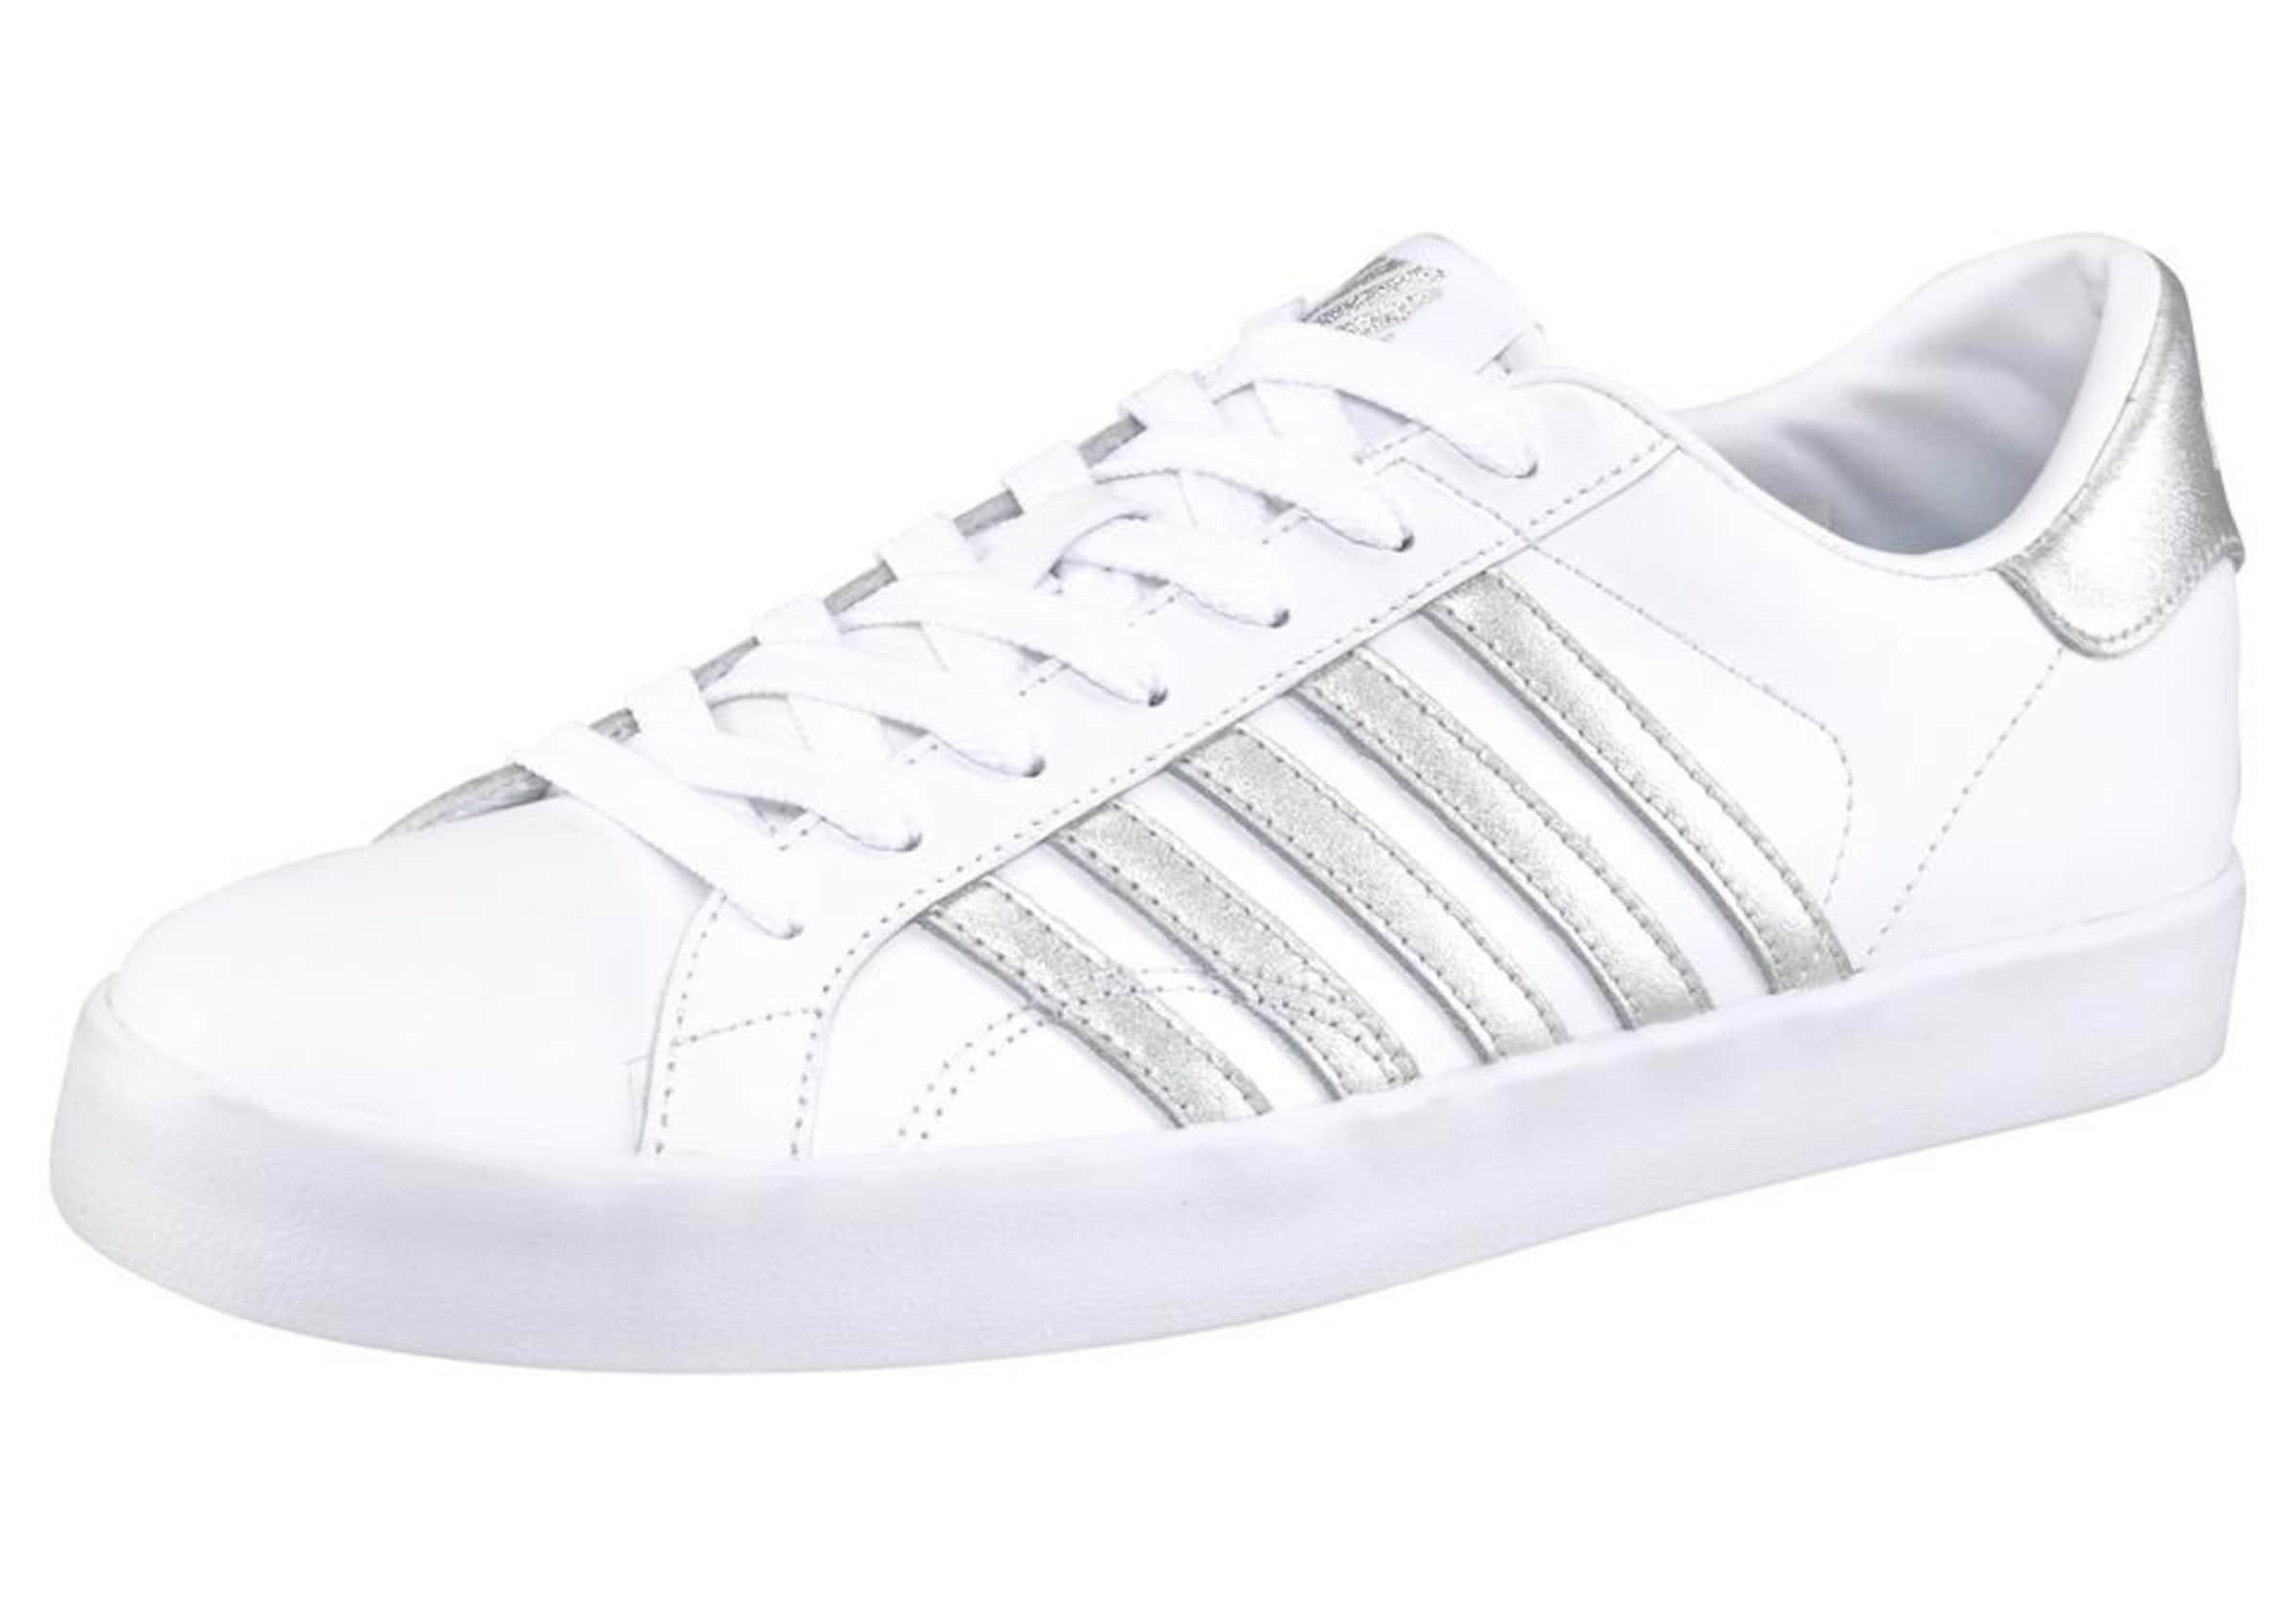 Haltbare Mode billige Schuhe K-SWISS | Sneaker 'Belmont SO' SO' SO' Schuhe Gut getragene Schuhe 0b49ec